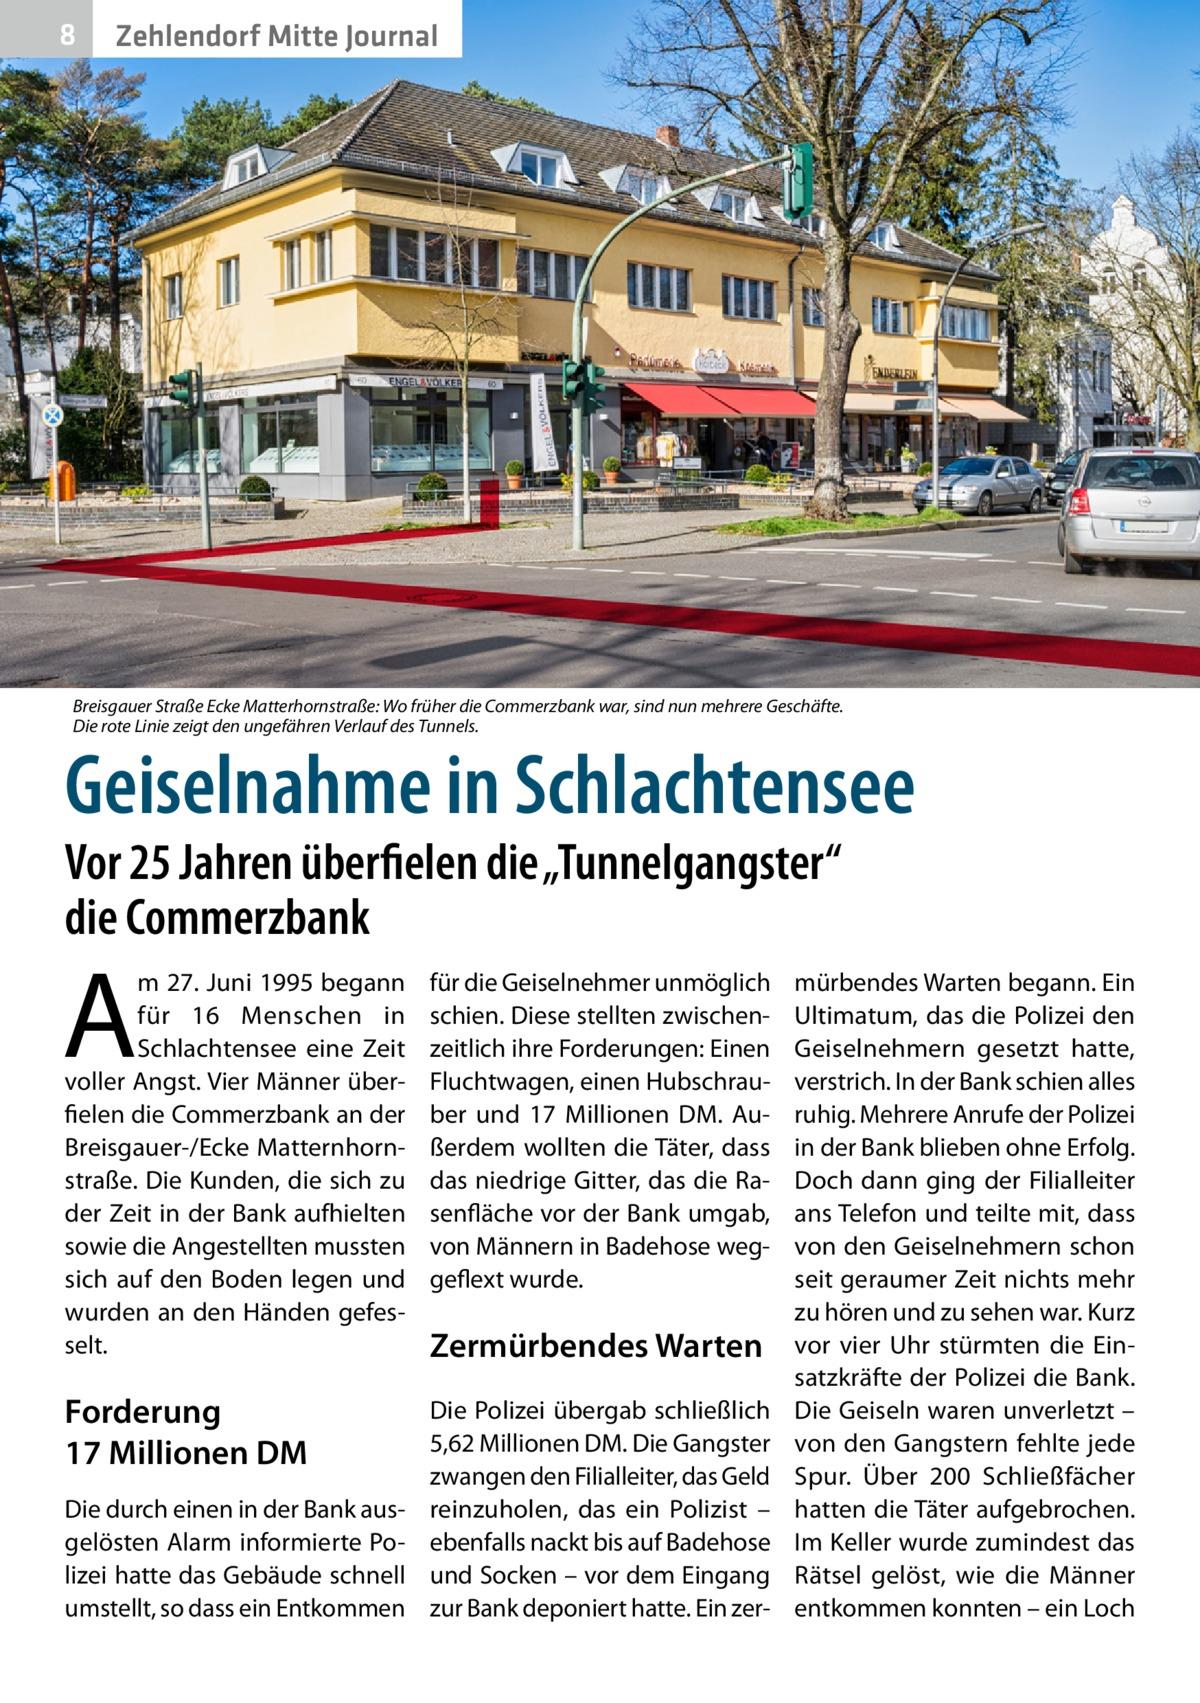 """8  Zehlendorf Mitte Journal  Breisgauer Straße Ecke Matterhornstraße: Wo früher die Commerzbank war, sind nun mehrere Geschäfte. Die rote Linie zeigt den ungefähren Verlauf des Tunnels.  Geiselnahme in Schlachtensee Vor 25Jahren überfielen die """"Tunnelgangster"""" die Commerzbank  A  m 27.Juni 1995 begann für 16 Menschen in Schlachtensee eine Zeit voller Angst. Vier Männer überfielen die Commerzbank an der Breisgauer-/Ecke Matternhornstraße. Die Kunden, die sich zu der Zeit in der Bank aufhielten sowie die Angestellten mussten sich auf den Boden legen und wurden an den Händen gefesselt.  für die Geiselnehmer unmöglich schien. Diese stellten zwischenzeitlich ihre Forderungen: Einen Fluchtwagen, einen Hubschrauber und 17 Millionen DM. Außerdem wollten die Täter, dass das niedrige Gitter, das die Rasenfläche vor der Bank umgab, von Männern in Badehose weggeflext wurde.  Forderung 17Millionen DM  Die Polizei übergab schließlich 5,62Millionen DM. Die Gangster zwangen den Filialleiter, das Geld reinzuholen, das ein Polizist – ebenfalls nackt bis auf Badehose und Socken – vor dem Eingang zur Bank deponiert hatte. Ein zer Die durch einen in der Bank ausgelösten Alarm informierte Polizei hatte das Gebäude schnell umstellt, so dass ein Entkommen  Zermürbendes Warten  mürbendes Warten begann. Ein Ultimatum, das die Polizei den Geiselnehmern gesetzt hatte, verstrich. In der Bank schien alles ruhig. Mehrere Anrufe der Polizei in der Bank blieben ohne Erfolg. Doch dann ging der Filialleiter ans Telefon und teilte mit, dass von den Geiselnehmern schon seit geraumer Zeit nichts mehr zu hören und zu sehen war. Kurz vor vier Uhr stürmten die Einsatzkräfte der Polizei die Bank. Die Geiseln waren unverletzt – von den Gangstern fehlte jede Spur. Über 200 Schließfächer hatten die Täter aufgebrochen. Im Keller wurde zumindest das Rätsel gelöst, wie die Männer entkommen konnten – ein Loch"""